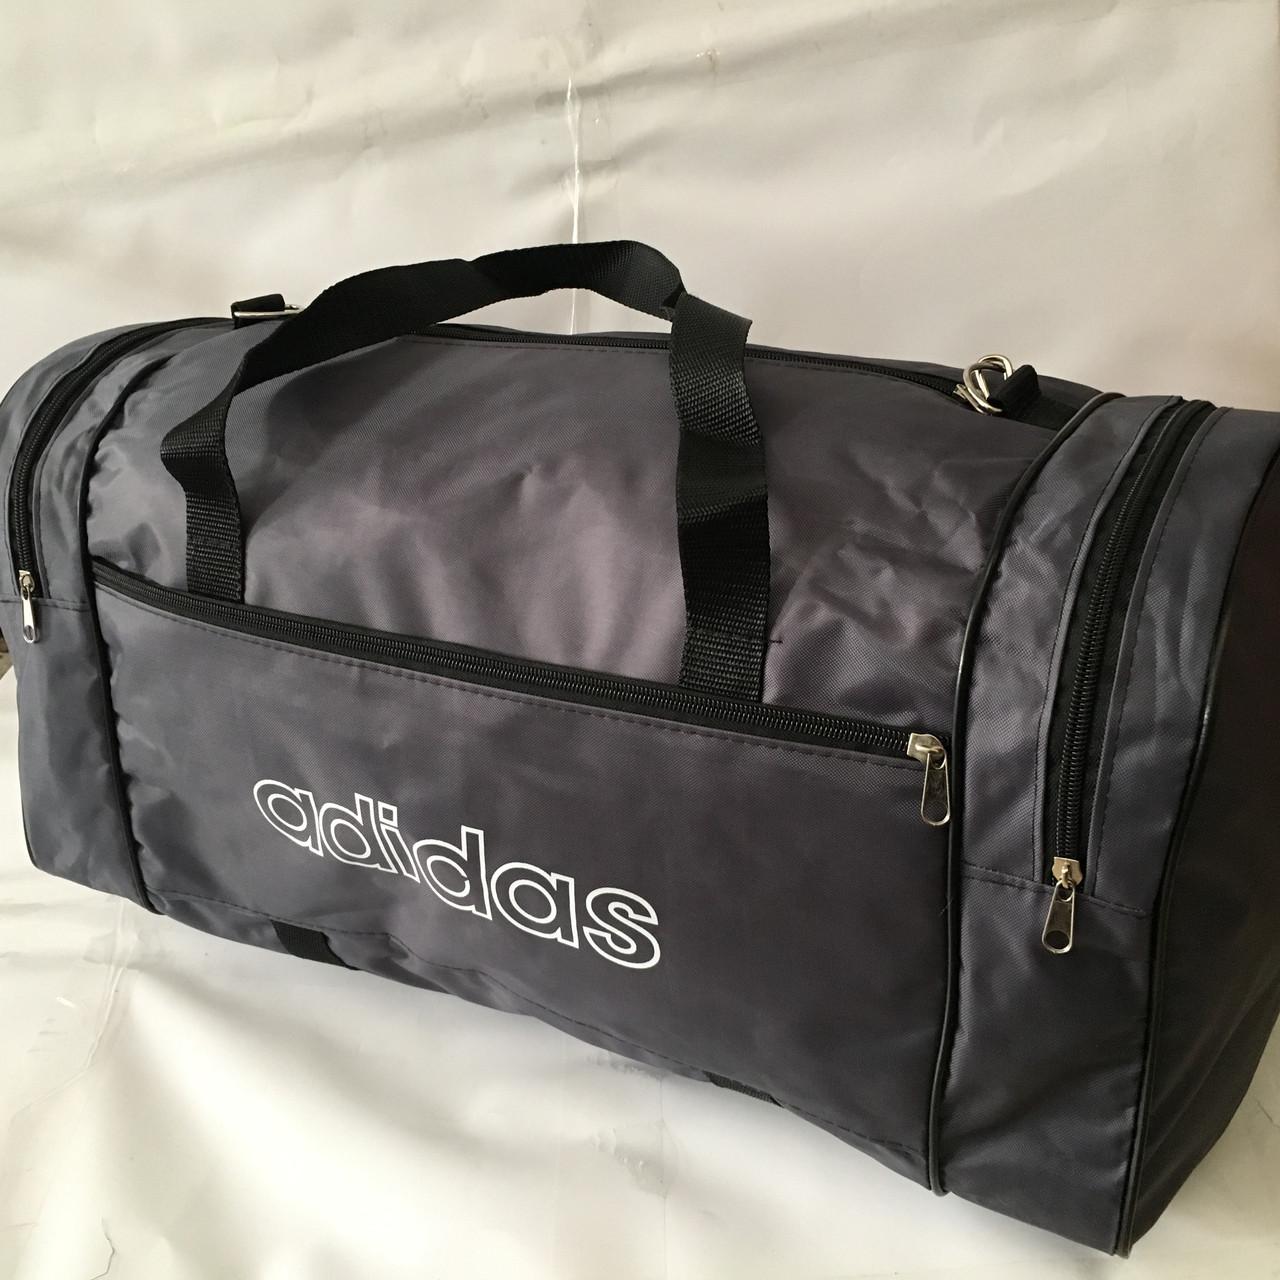 ed5487a57f3d Спортивная дорожная сумка adidas, сумки из ткани, магазин дорожных сумок,  сумка для обуви